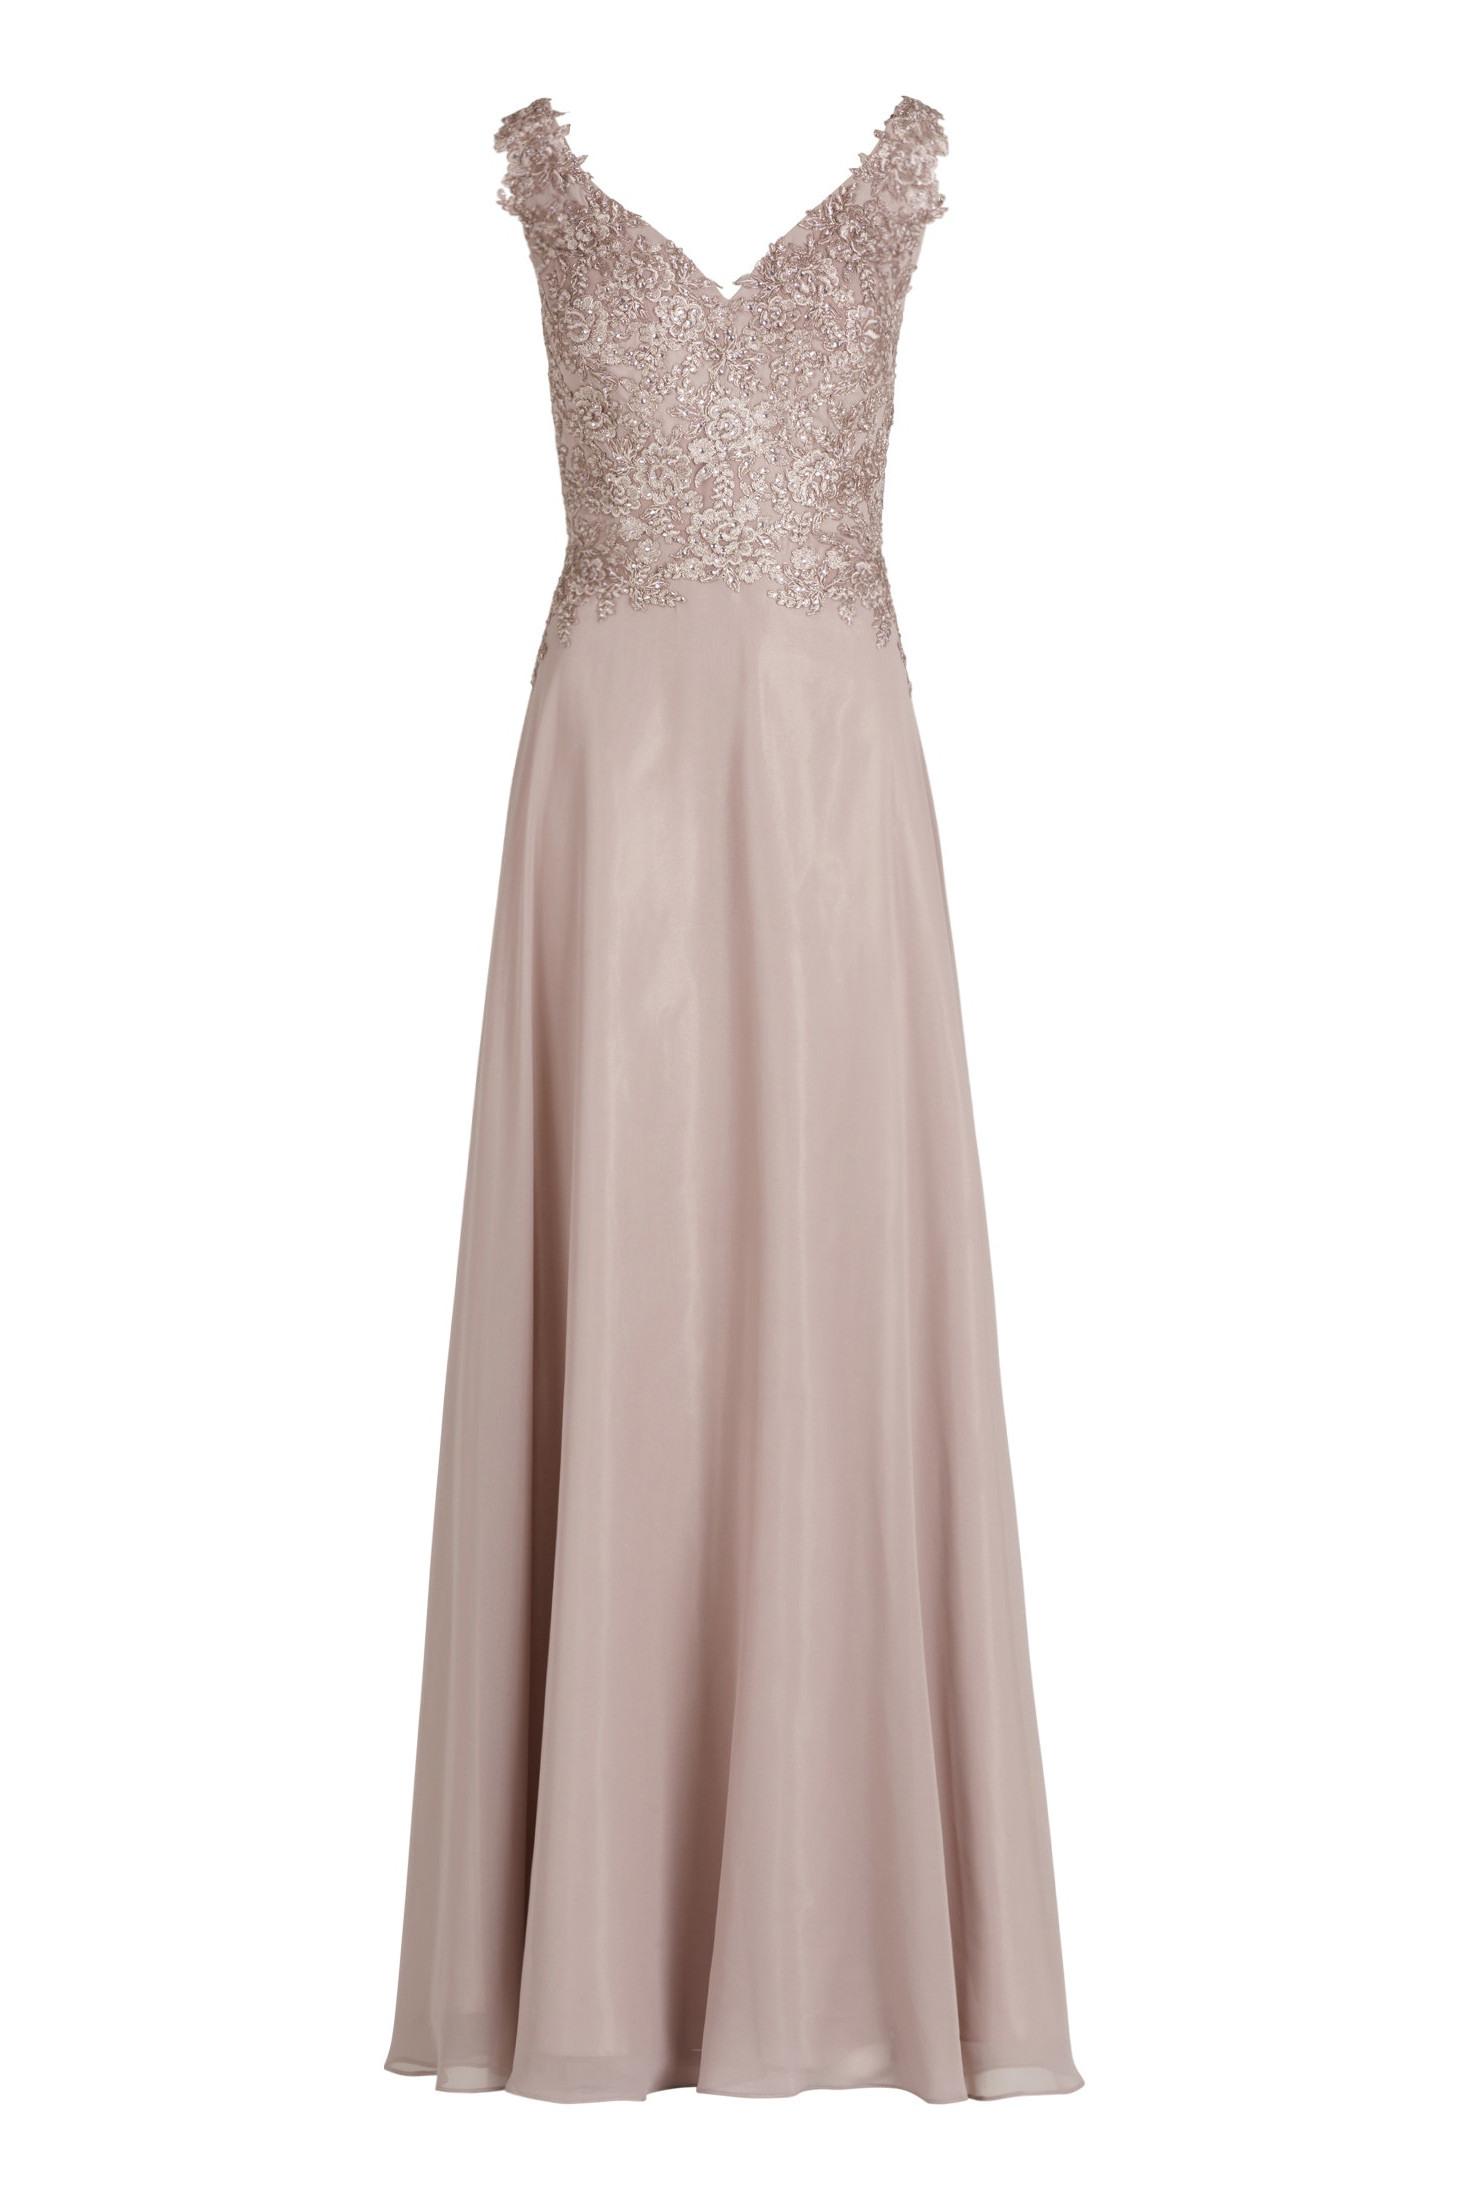 Designer Ausgezeichnet Langes Abendkleid Boutique13 Genial Langes Abendkleid Bester Preis